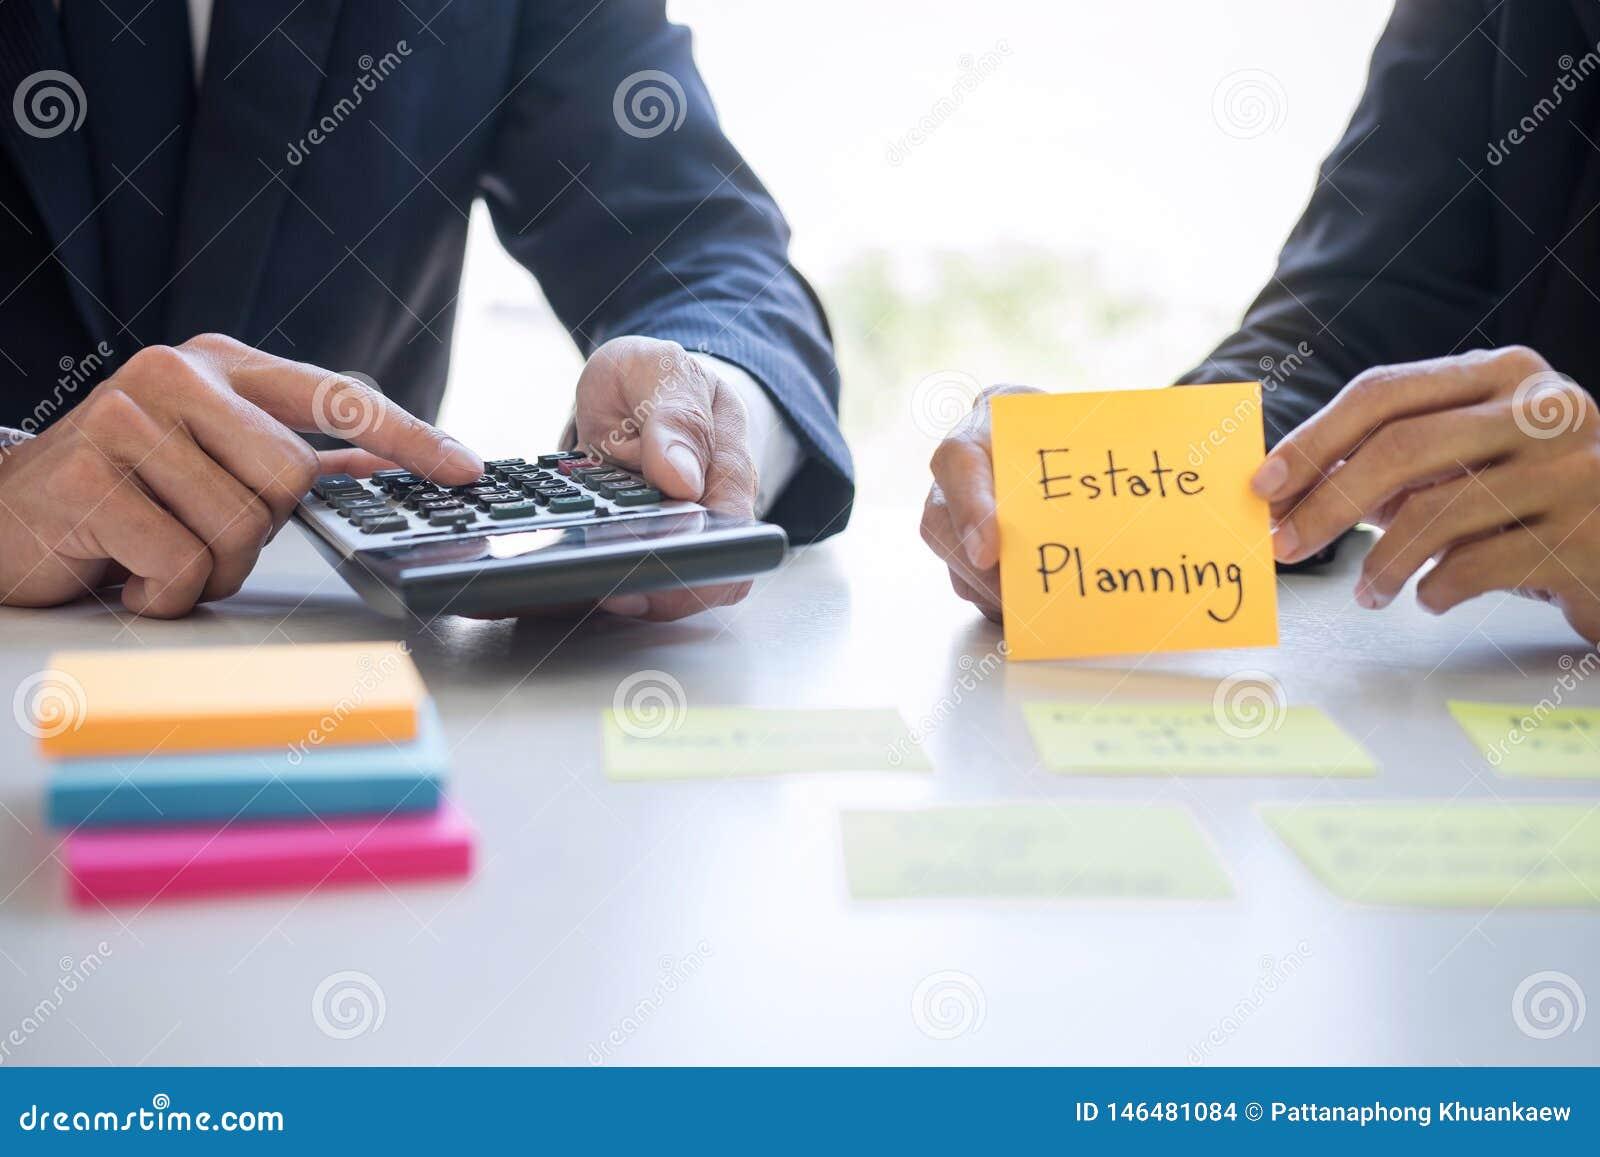 Управление богатства и финансовая концепция, команда учета коммерческих операций анализируя и вычисление на инвестиционном фонде